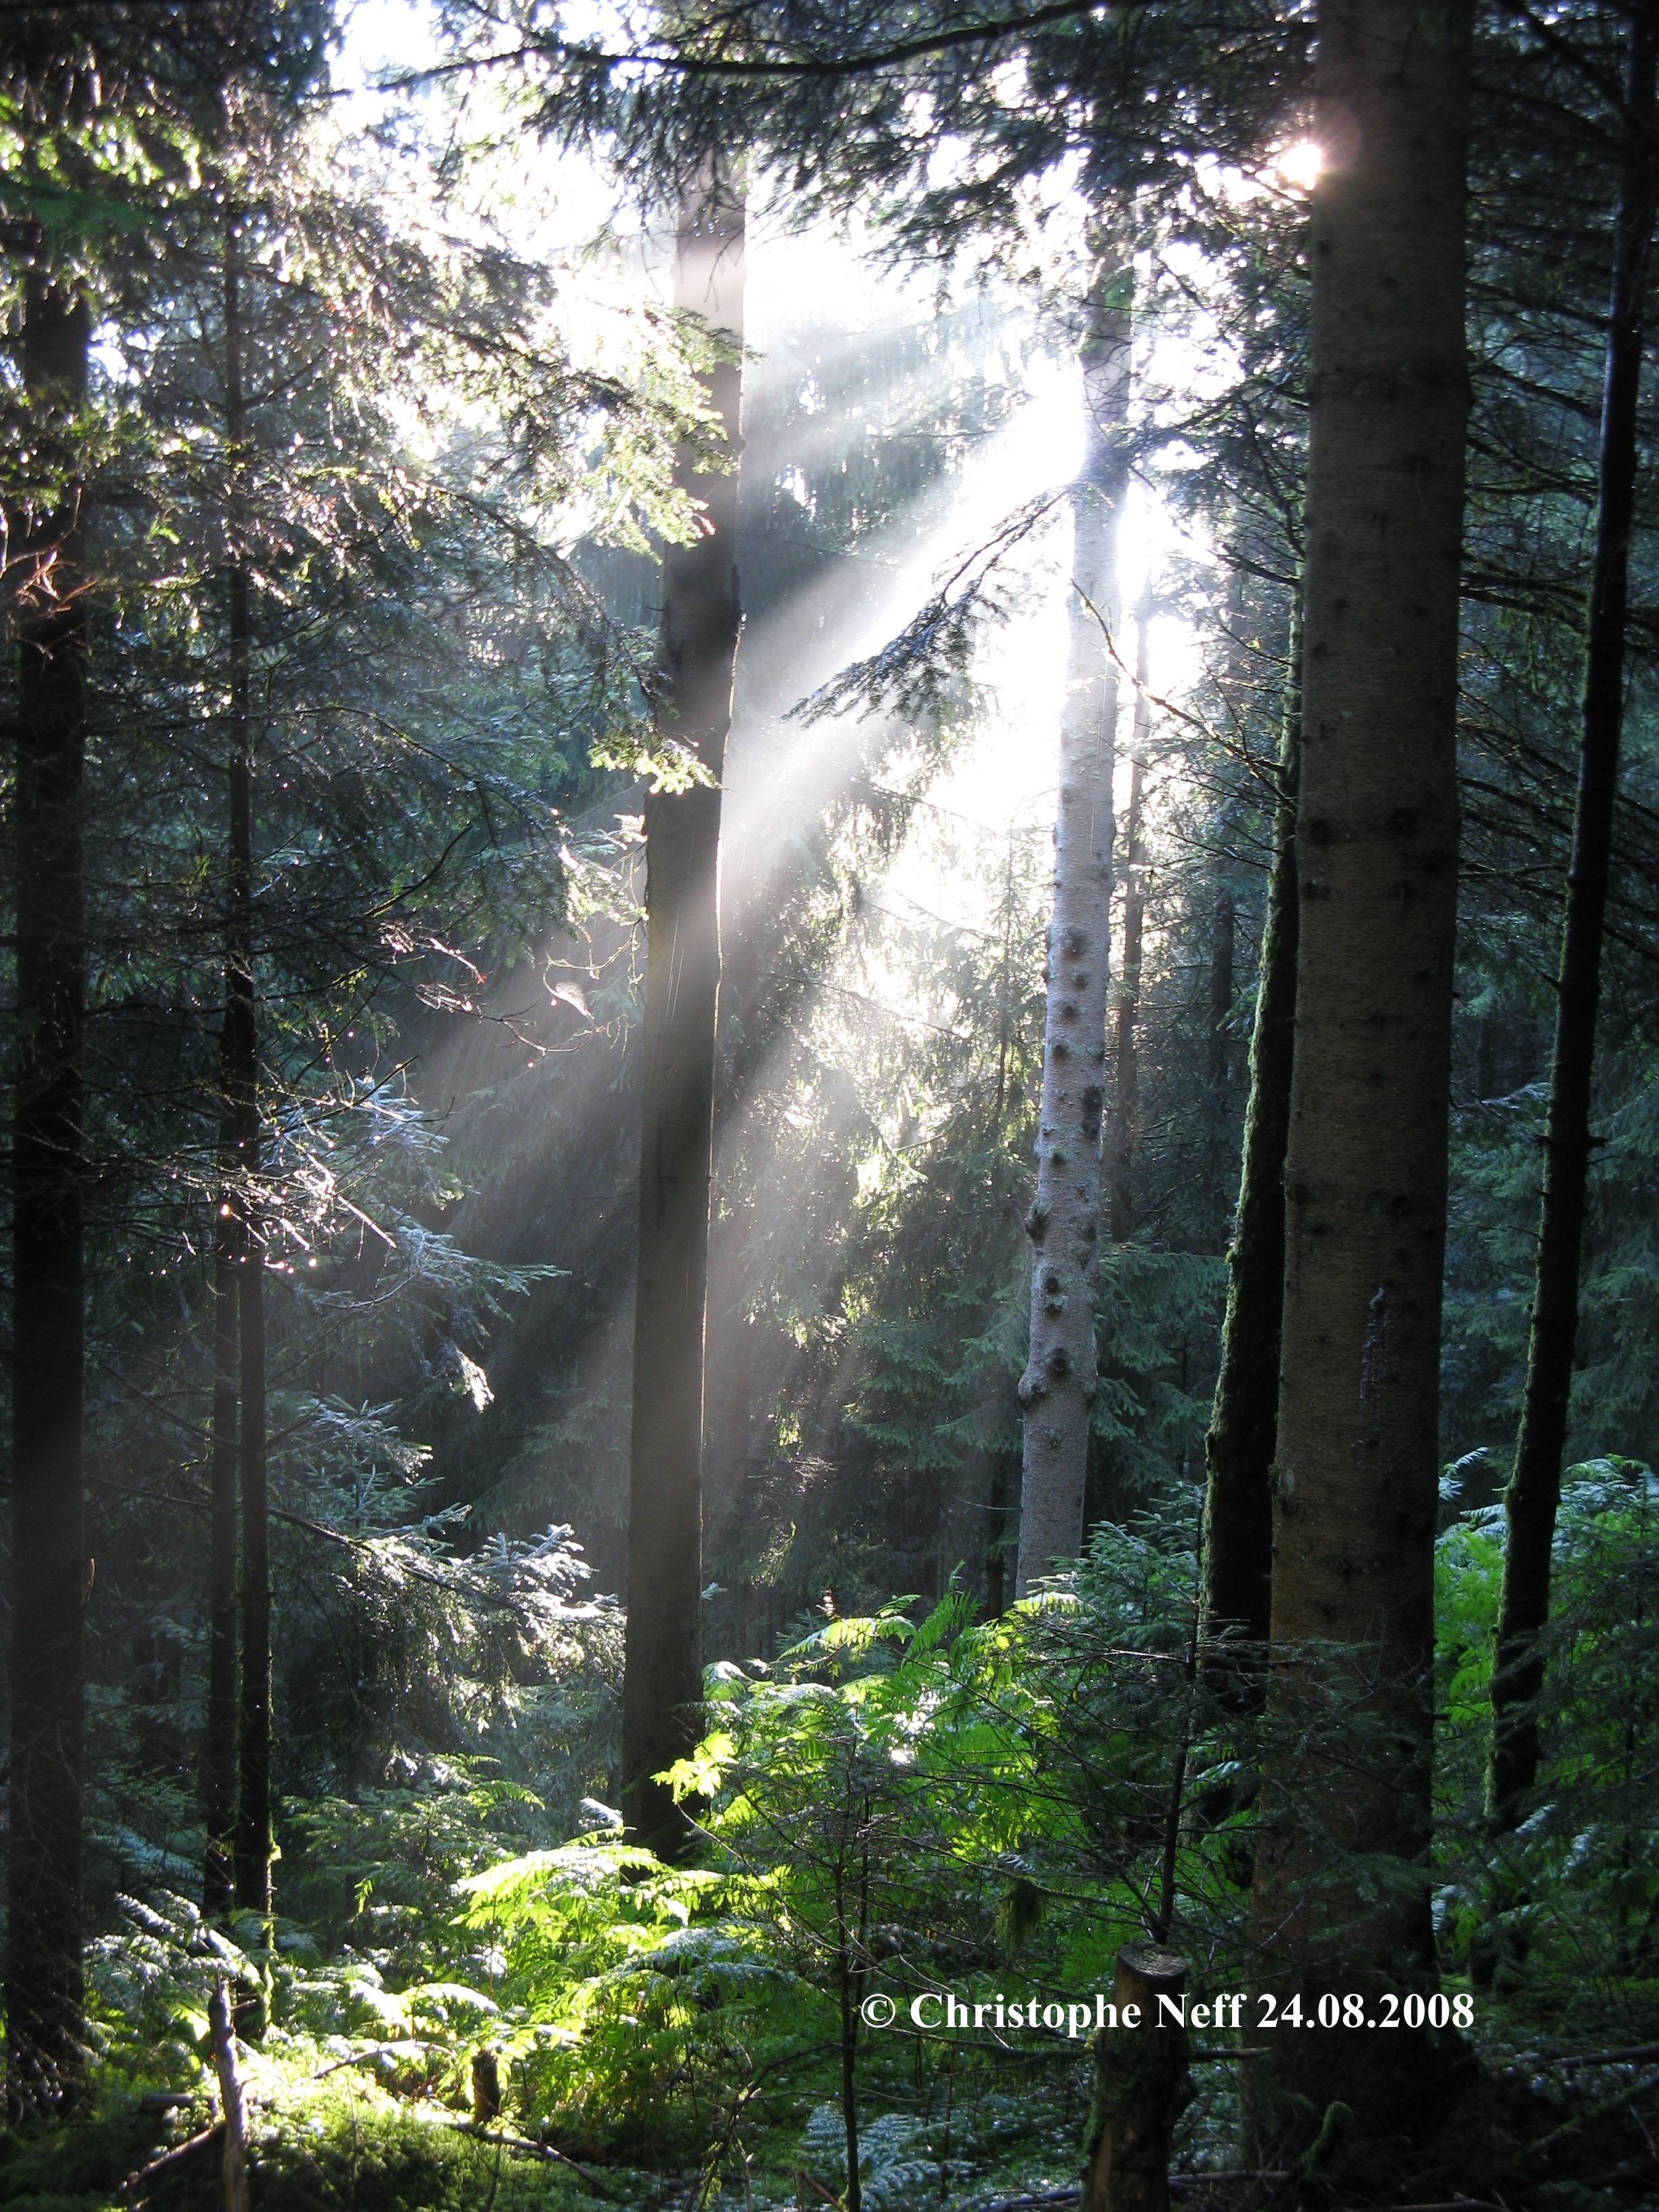 Les reflets de lumières à travers la sapinière du Mooswaldkopf 24.08.2008